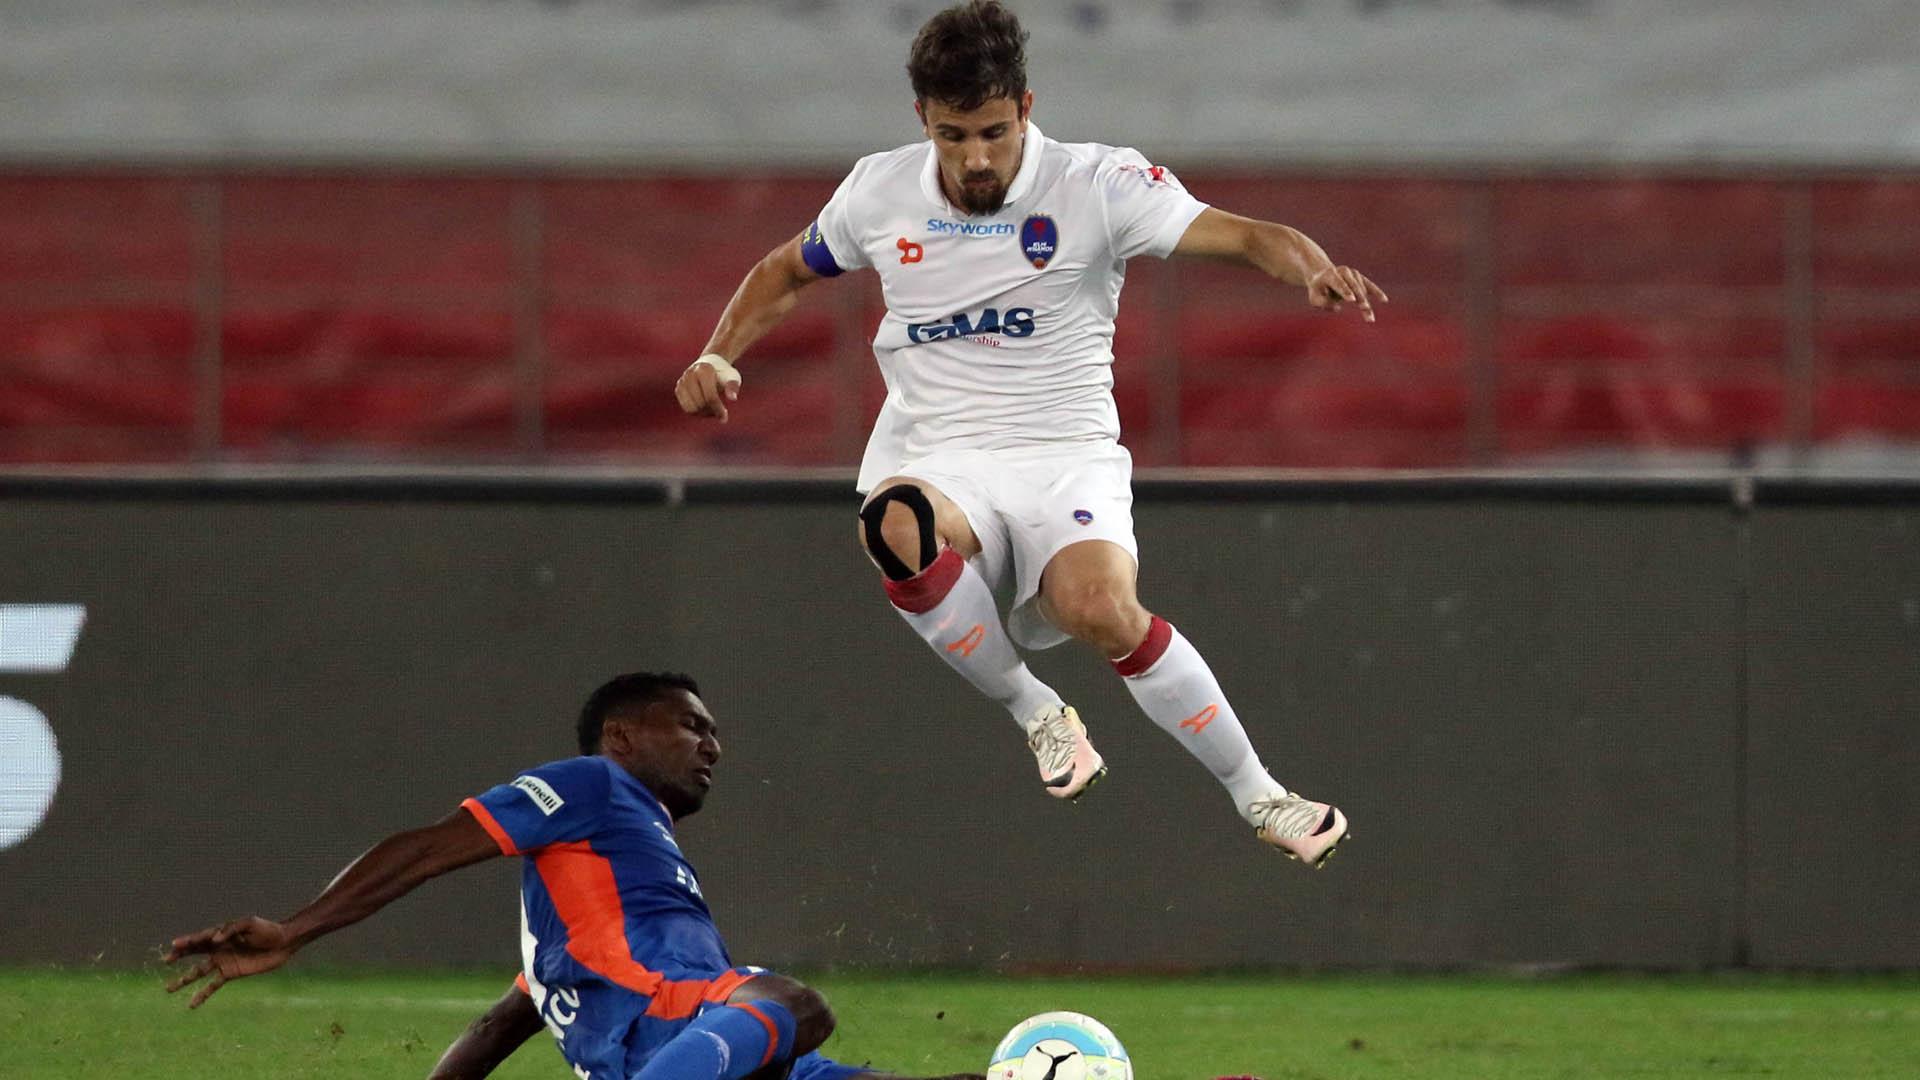 Marcelinho Delhi Dynamos FC FC Goa ISL season 3 2016